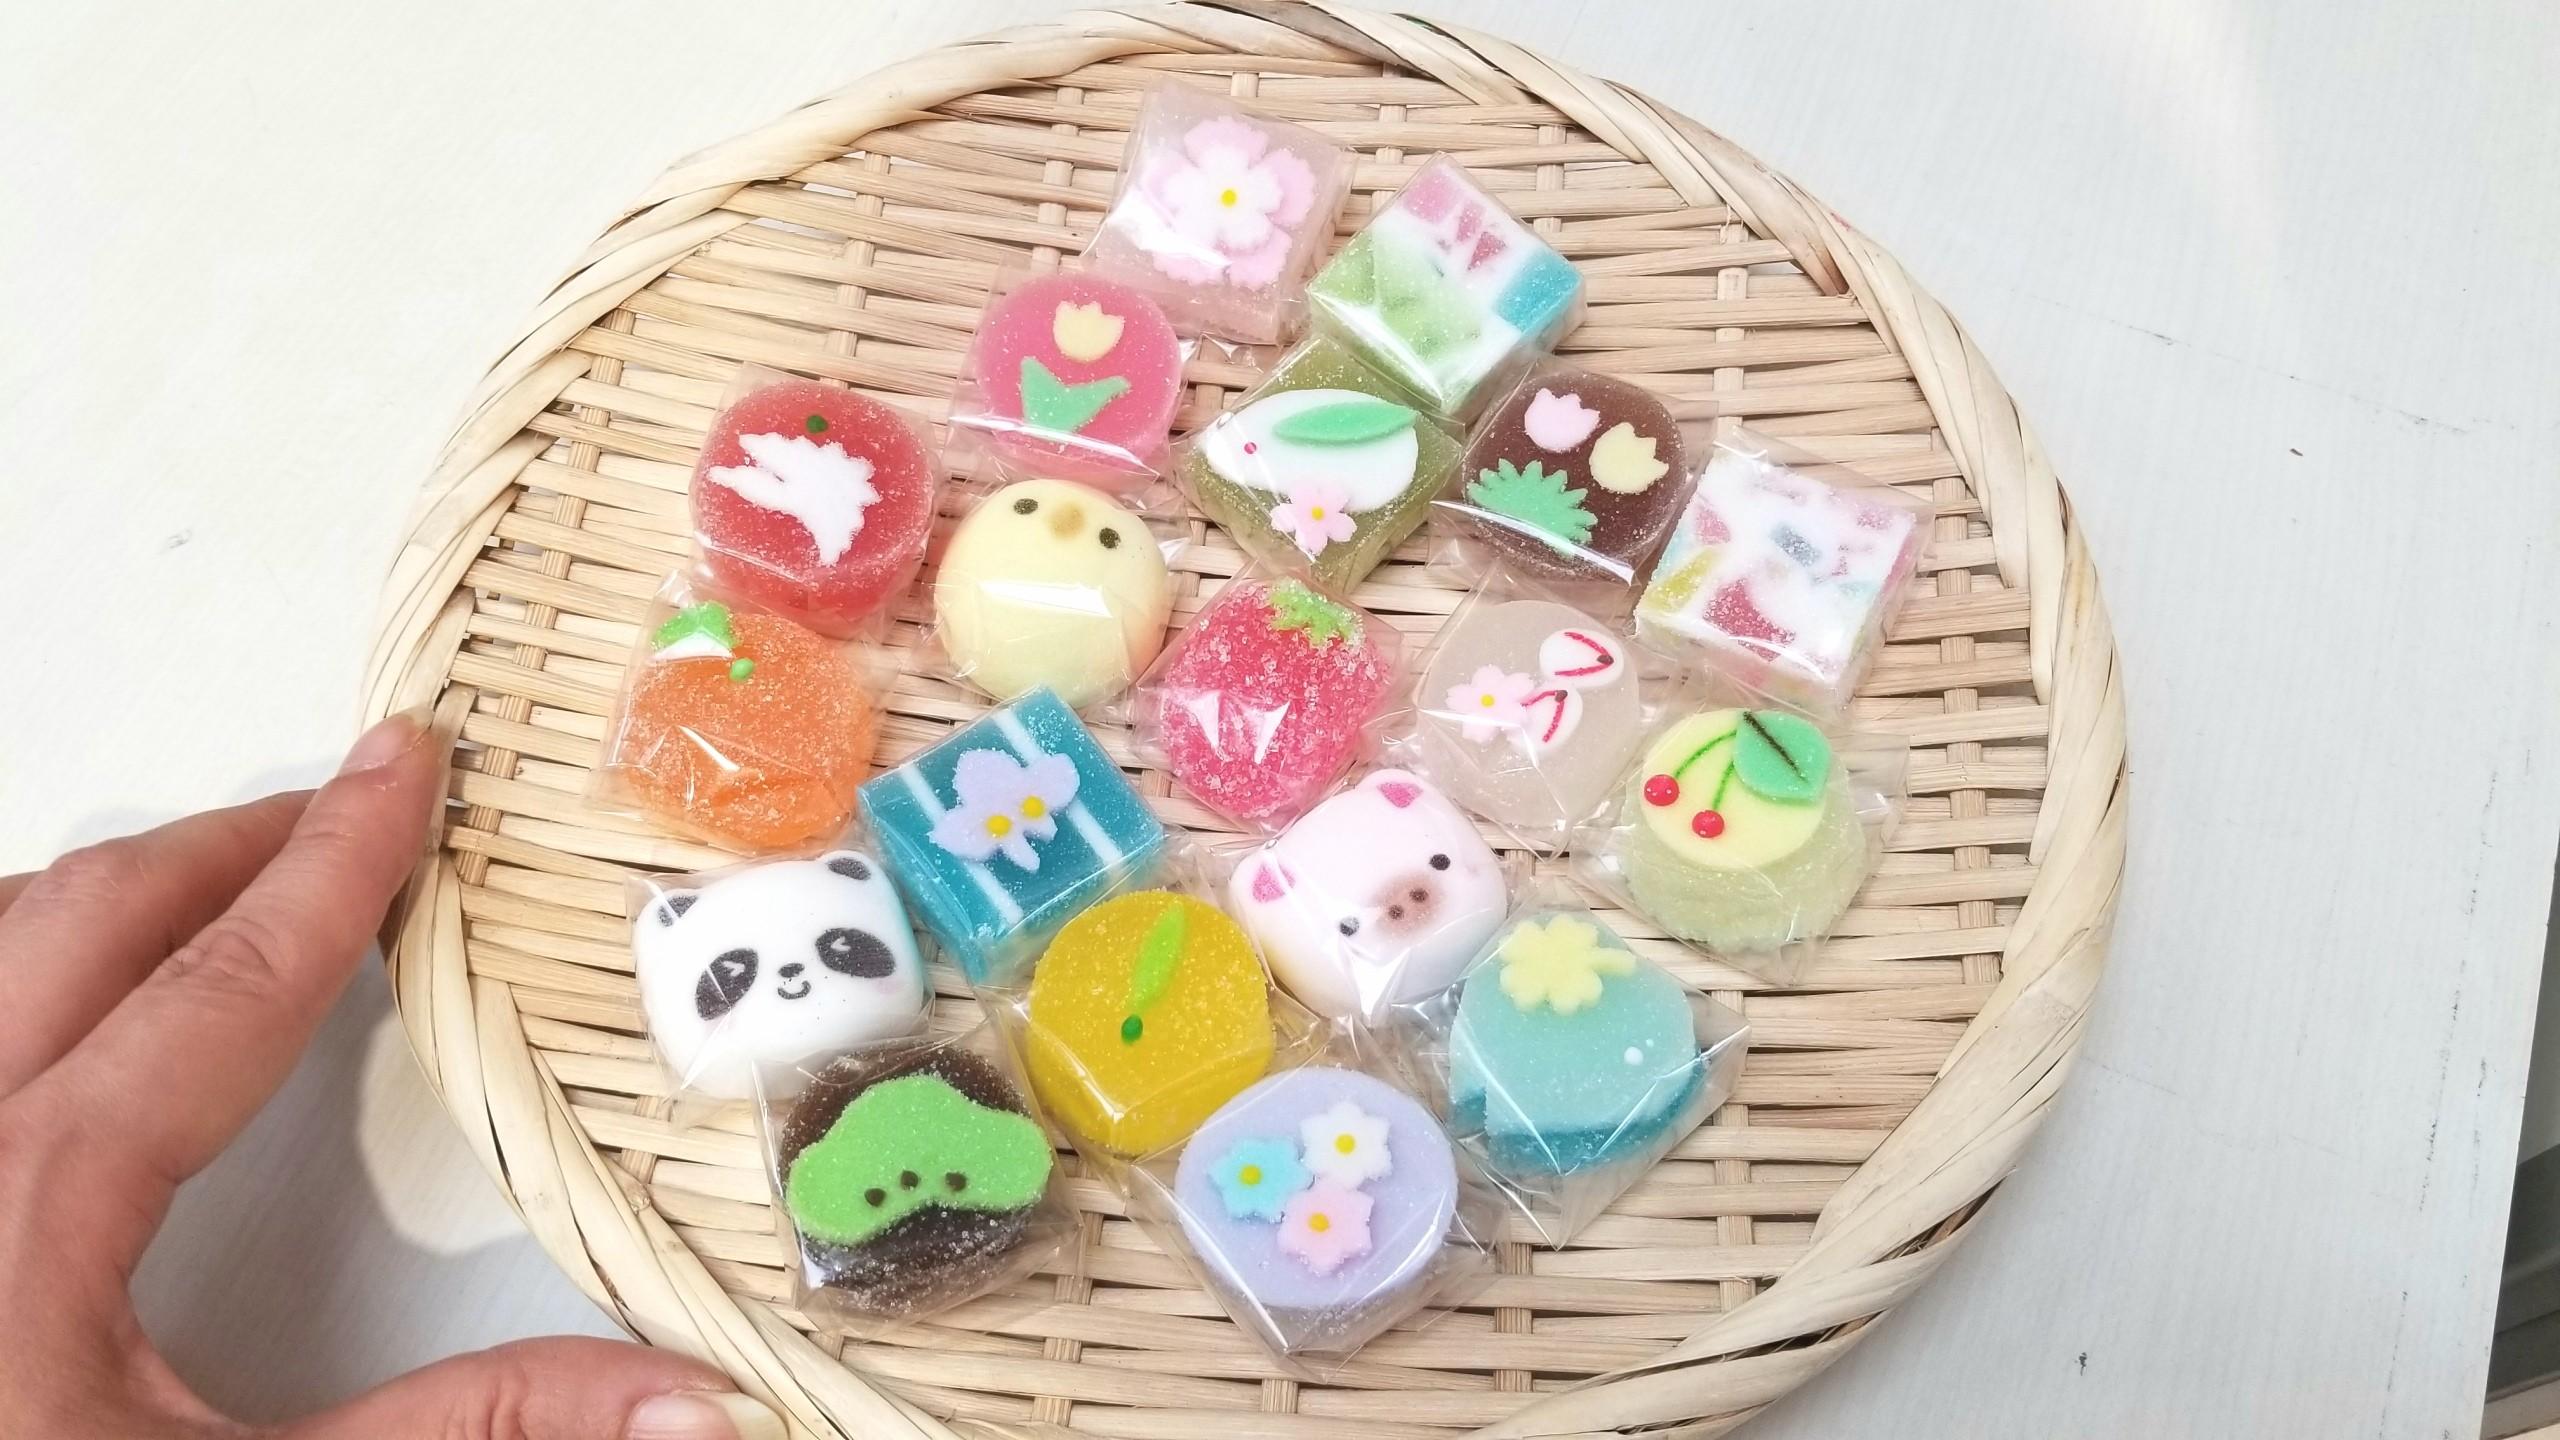 かわいい綺麗な和菓子生菓子京都特産品展フジ食べるのもったいない